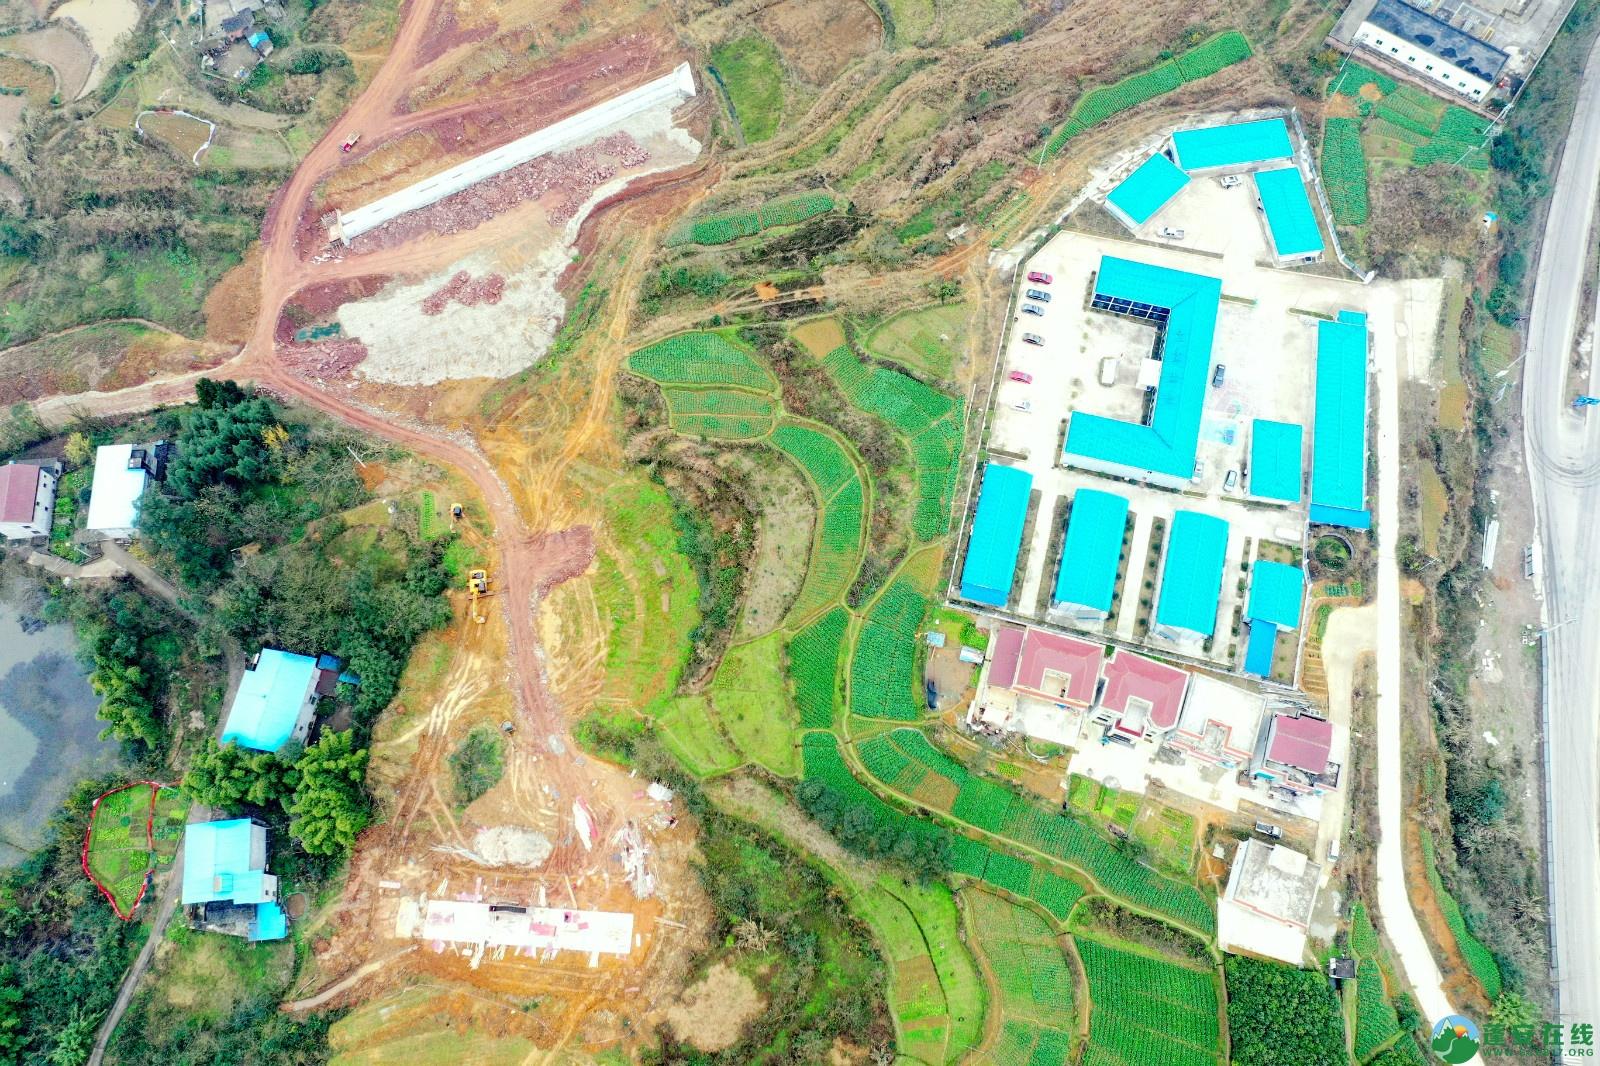 蓬安县顺蓬营公路蓬安嘉陵江三桥进展情况(2019.12.25) - 第7张  | 蓬安在线